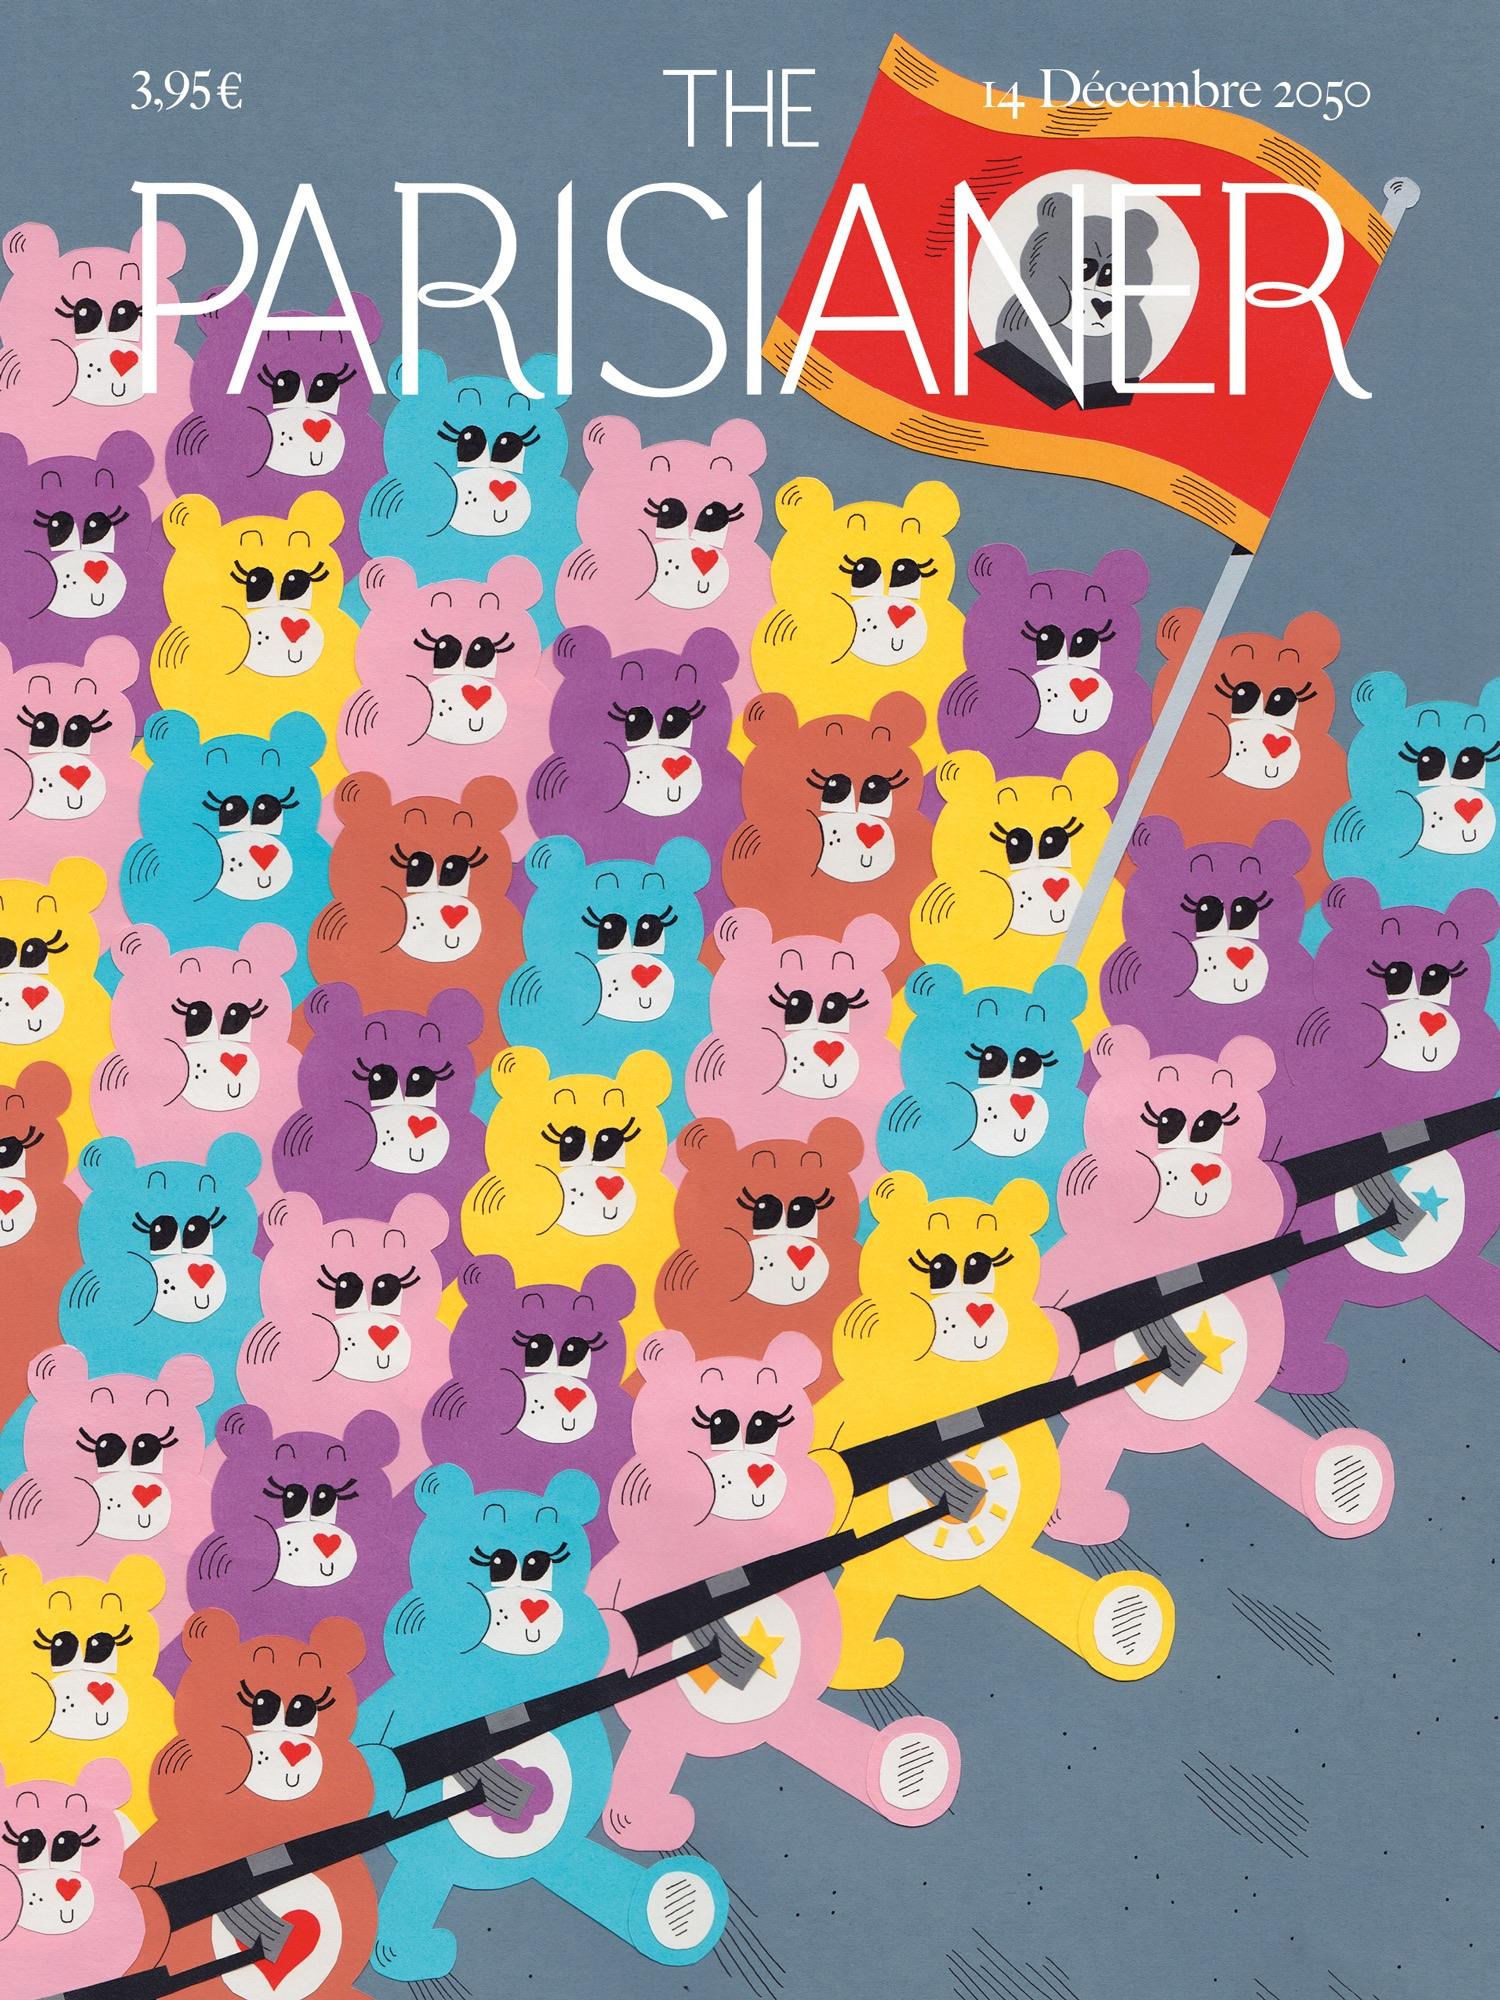 """Graphic Artists Imagine the Paris of the Future in """"Parisianer 2050"""""""